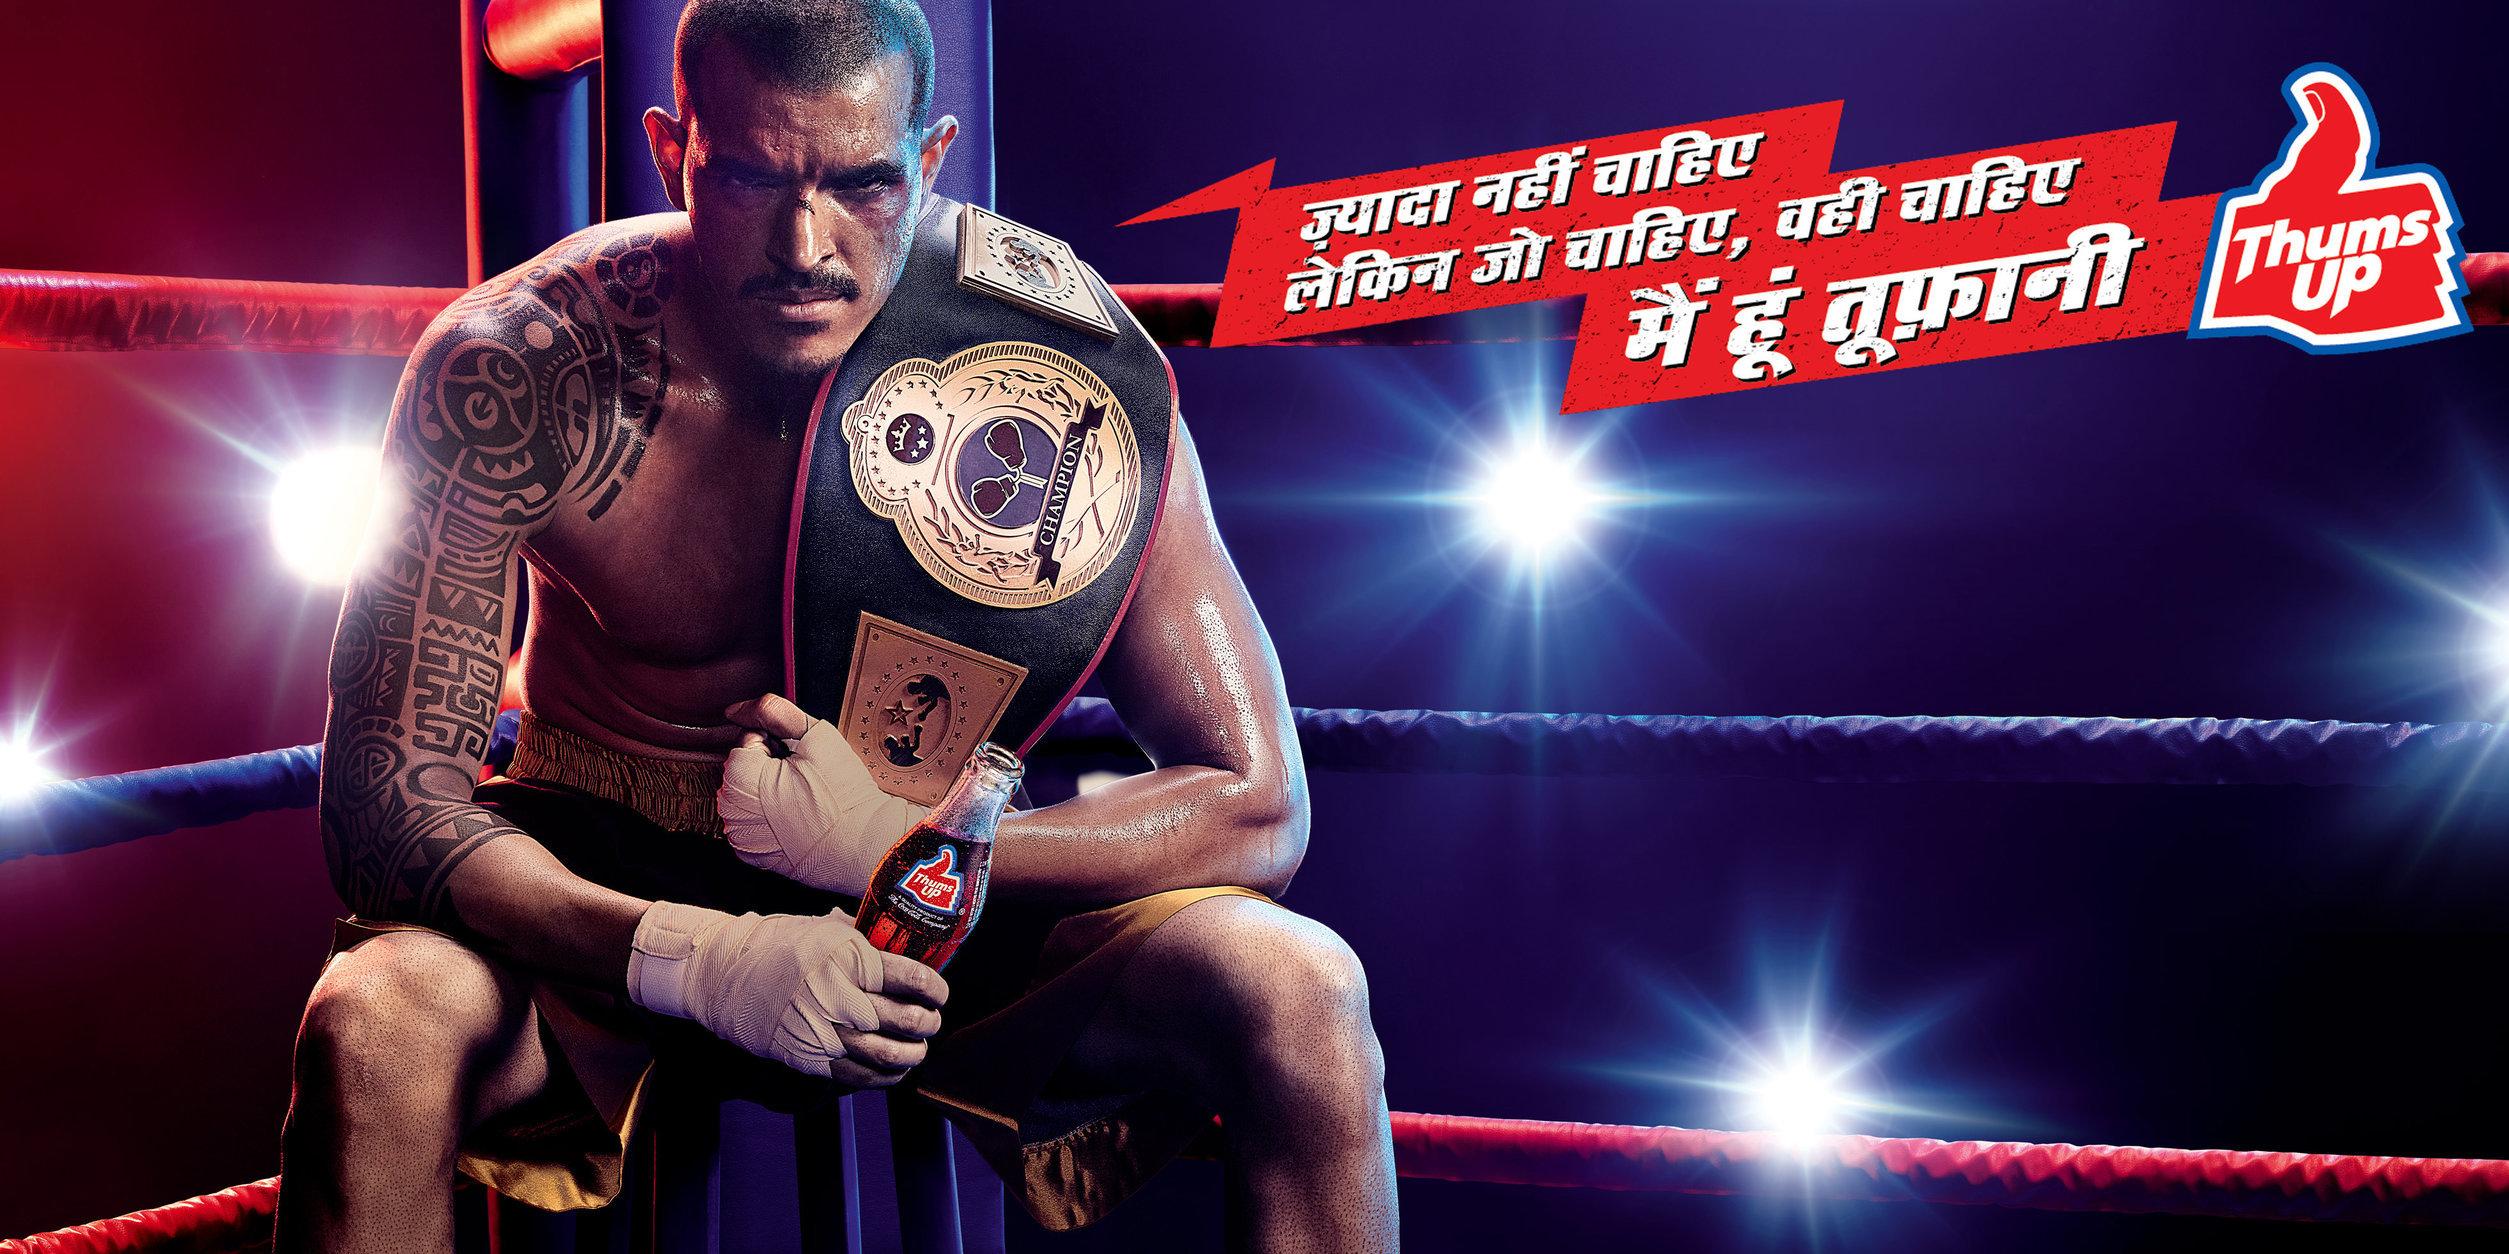 ThumaUp Boxer.jpg